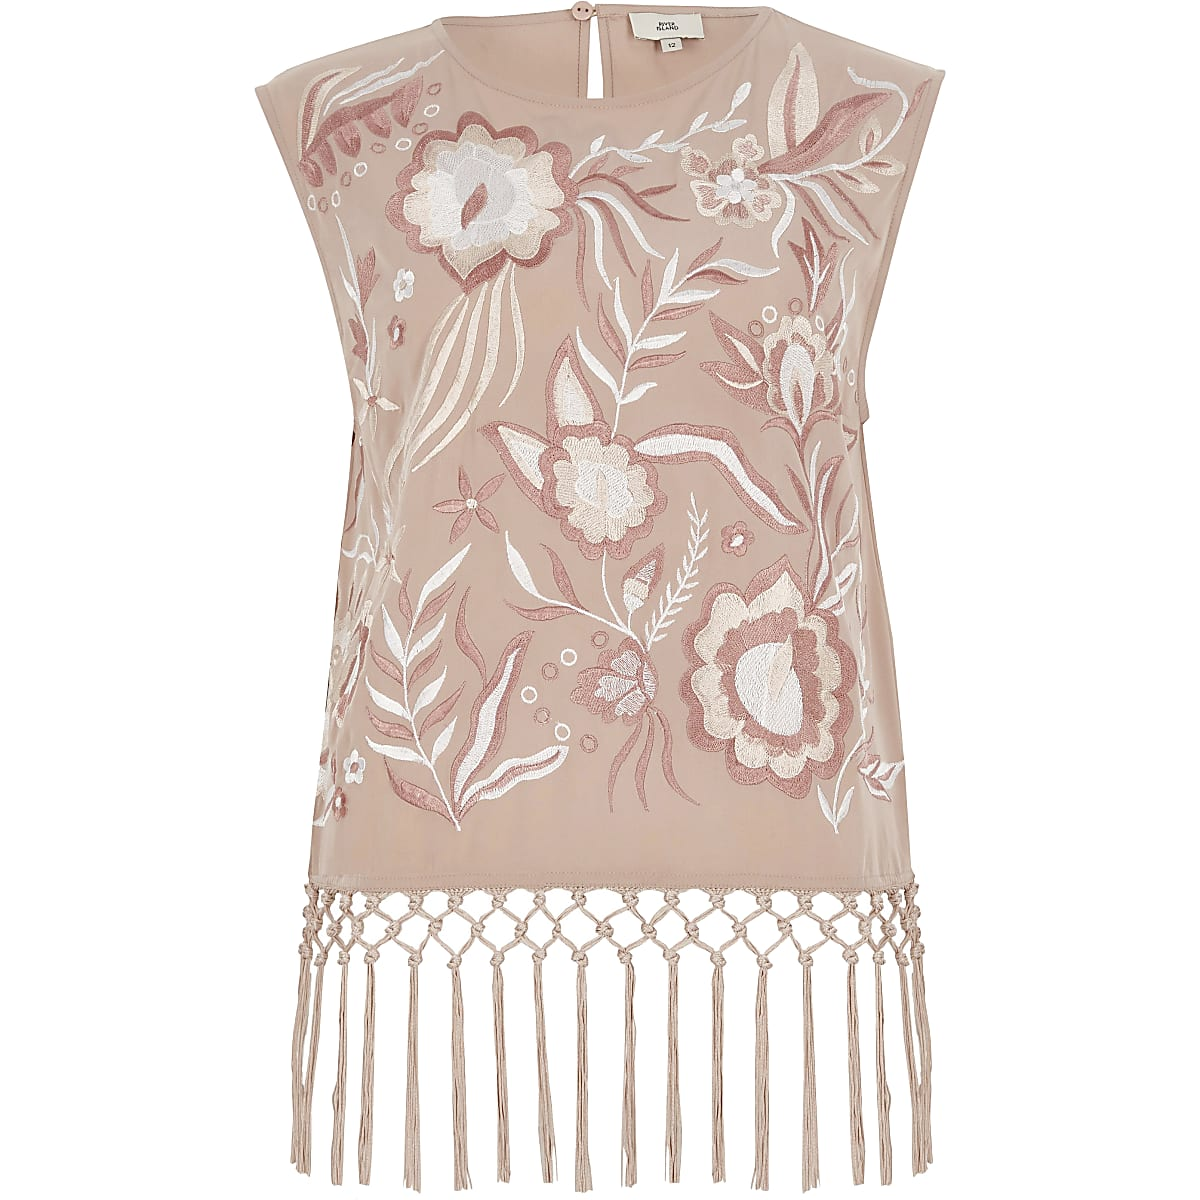 Light pink embroidered fringe top